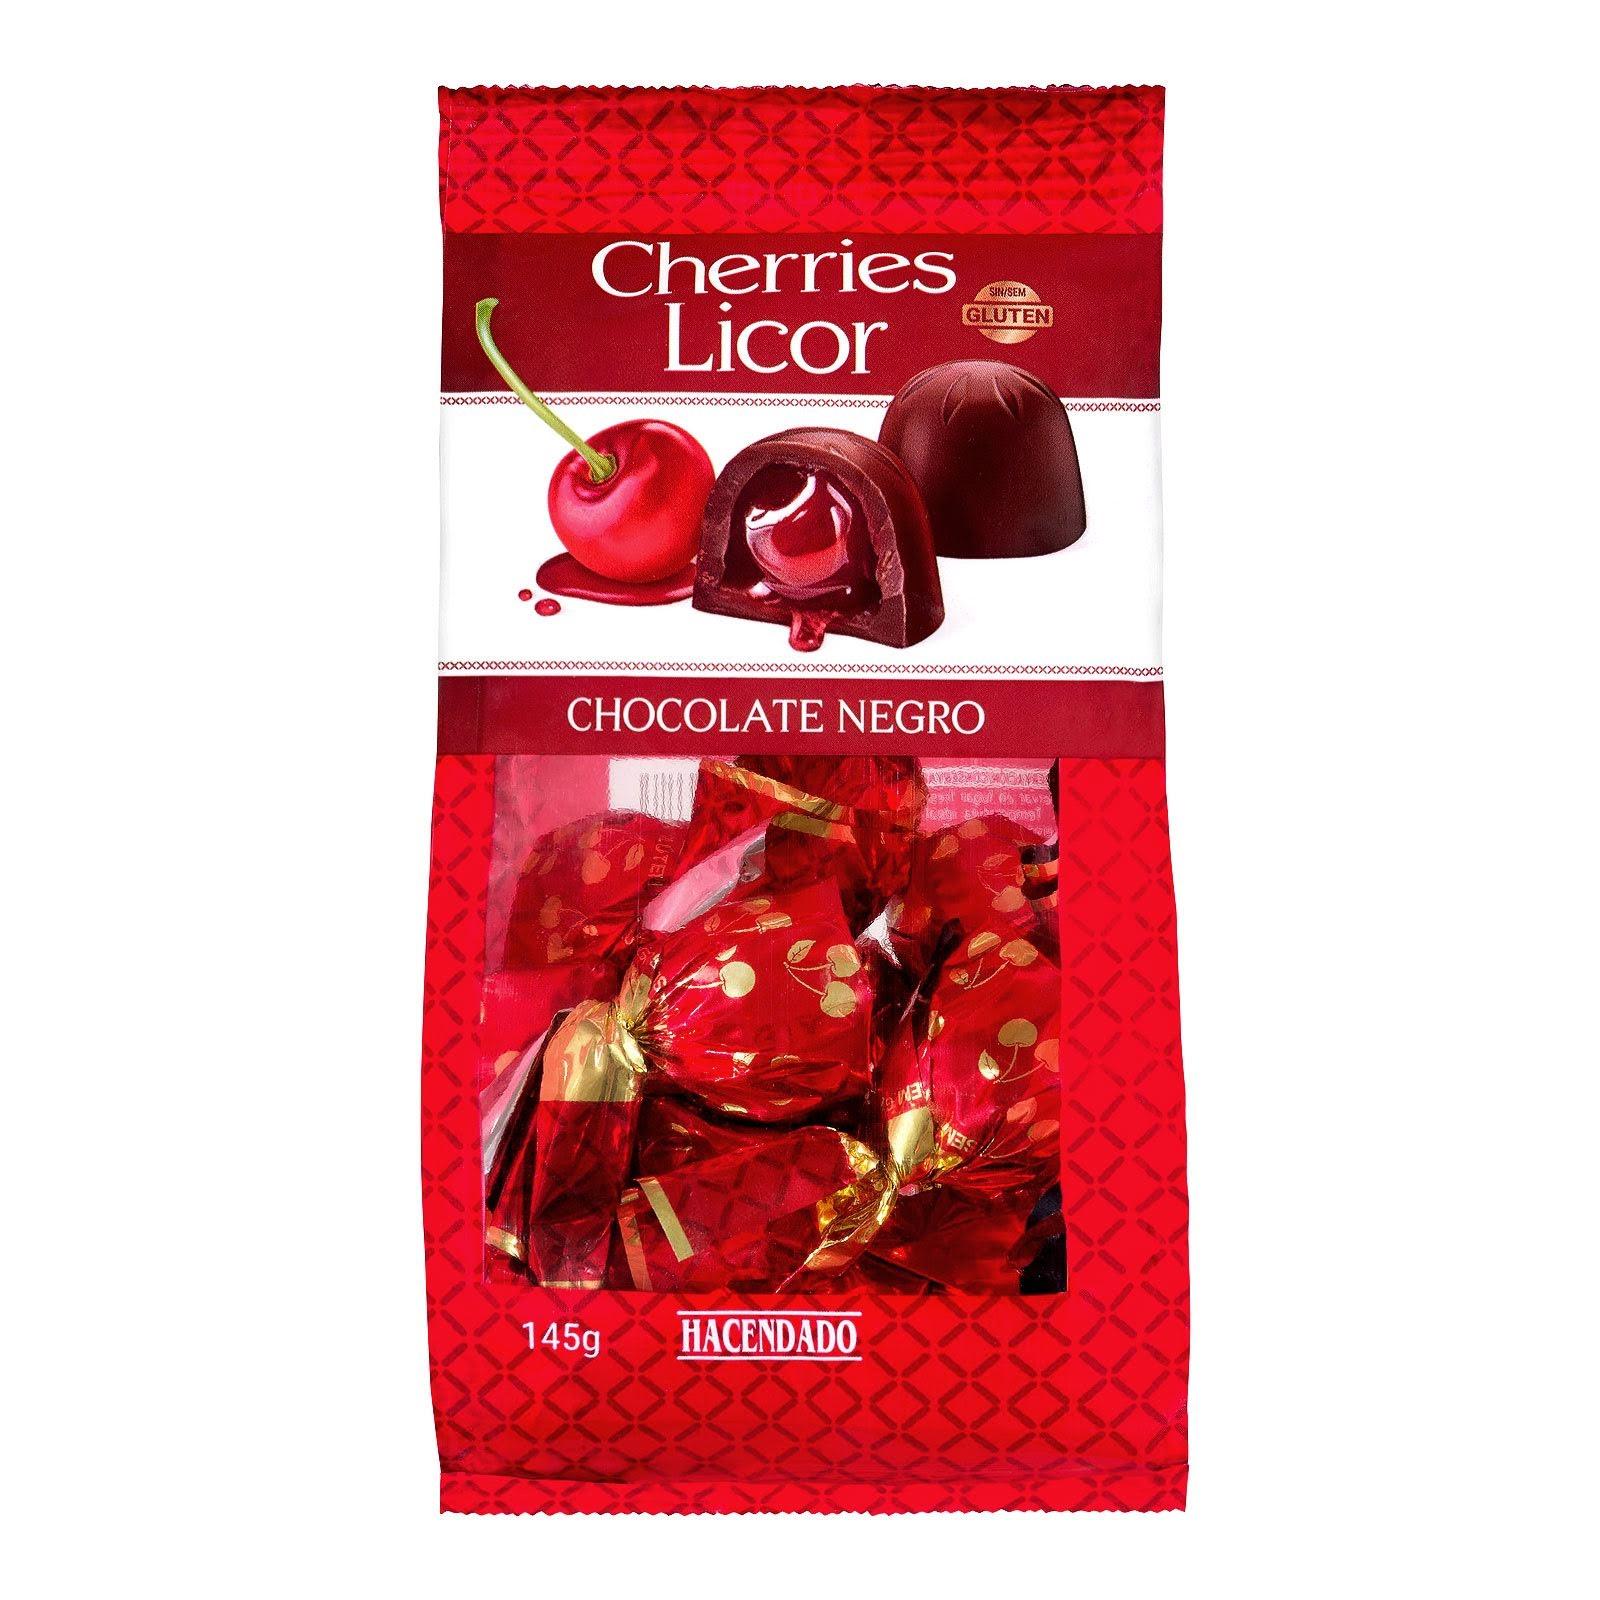 Bombones de chocolate negro extrafino rellenos Cherries Licor Hacendado